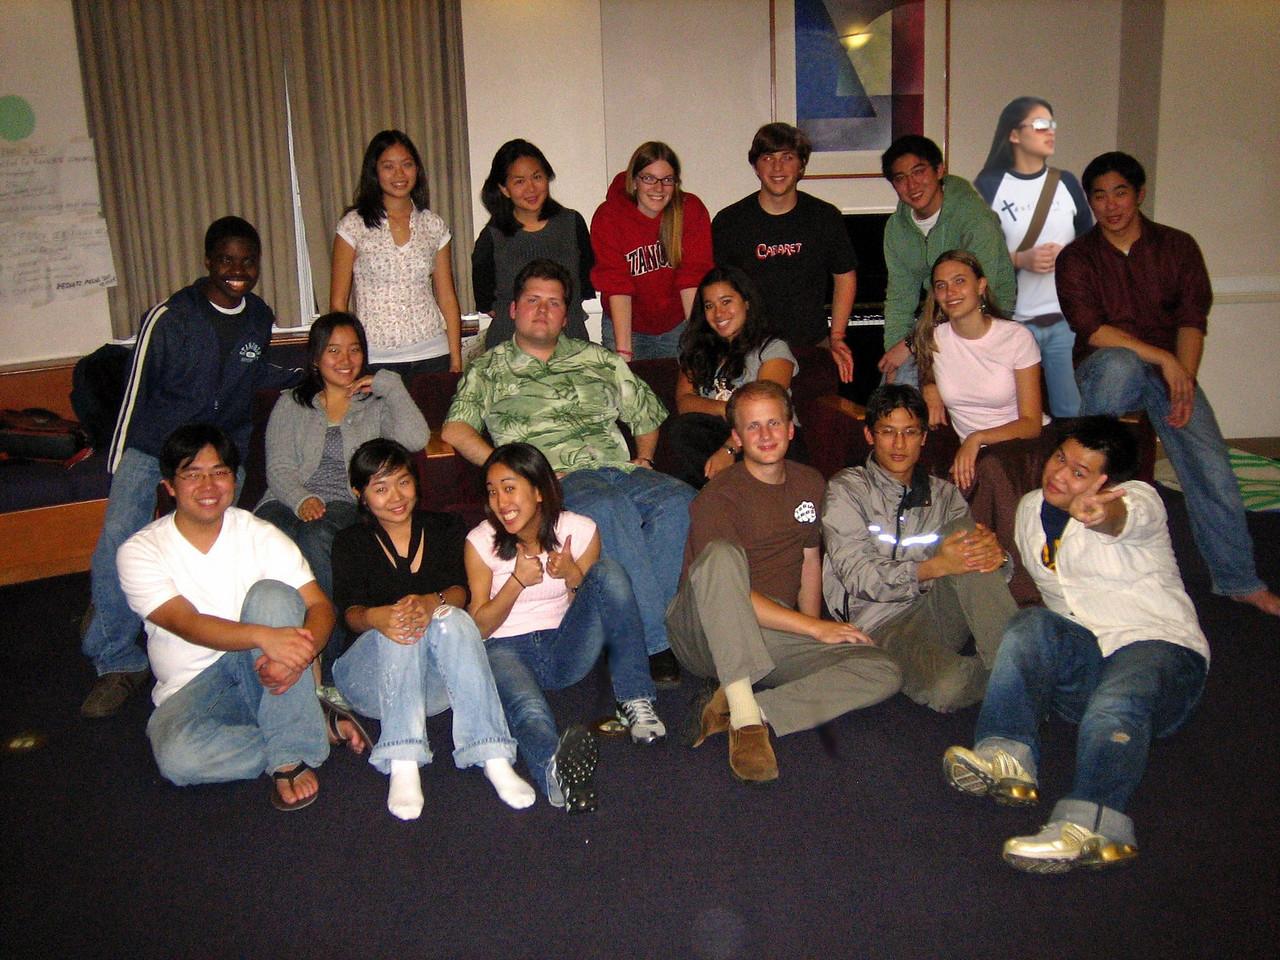 2006 11 29 Wed - Tmony with Jenn Kim - photochop 1